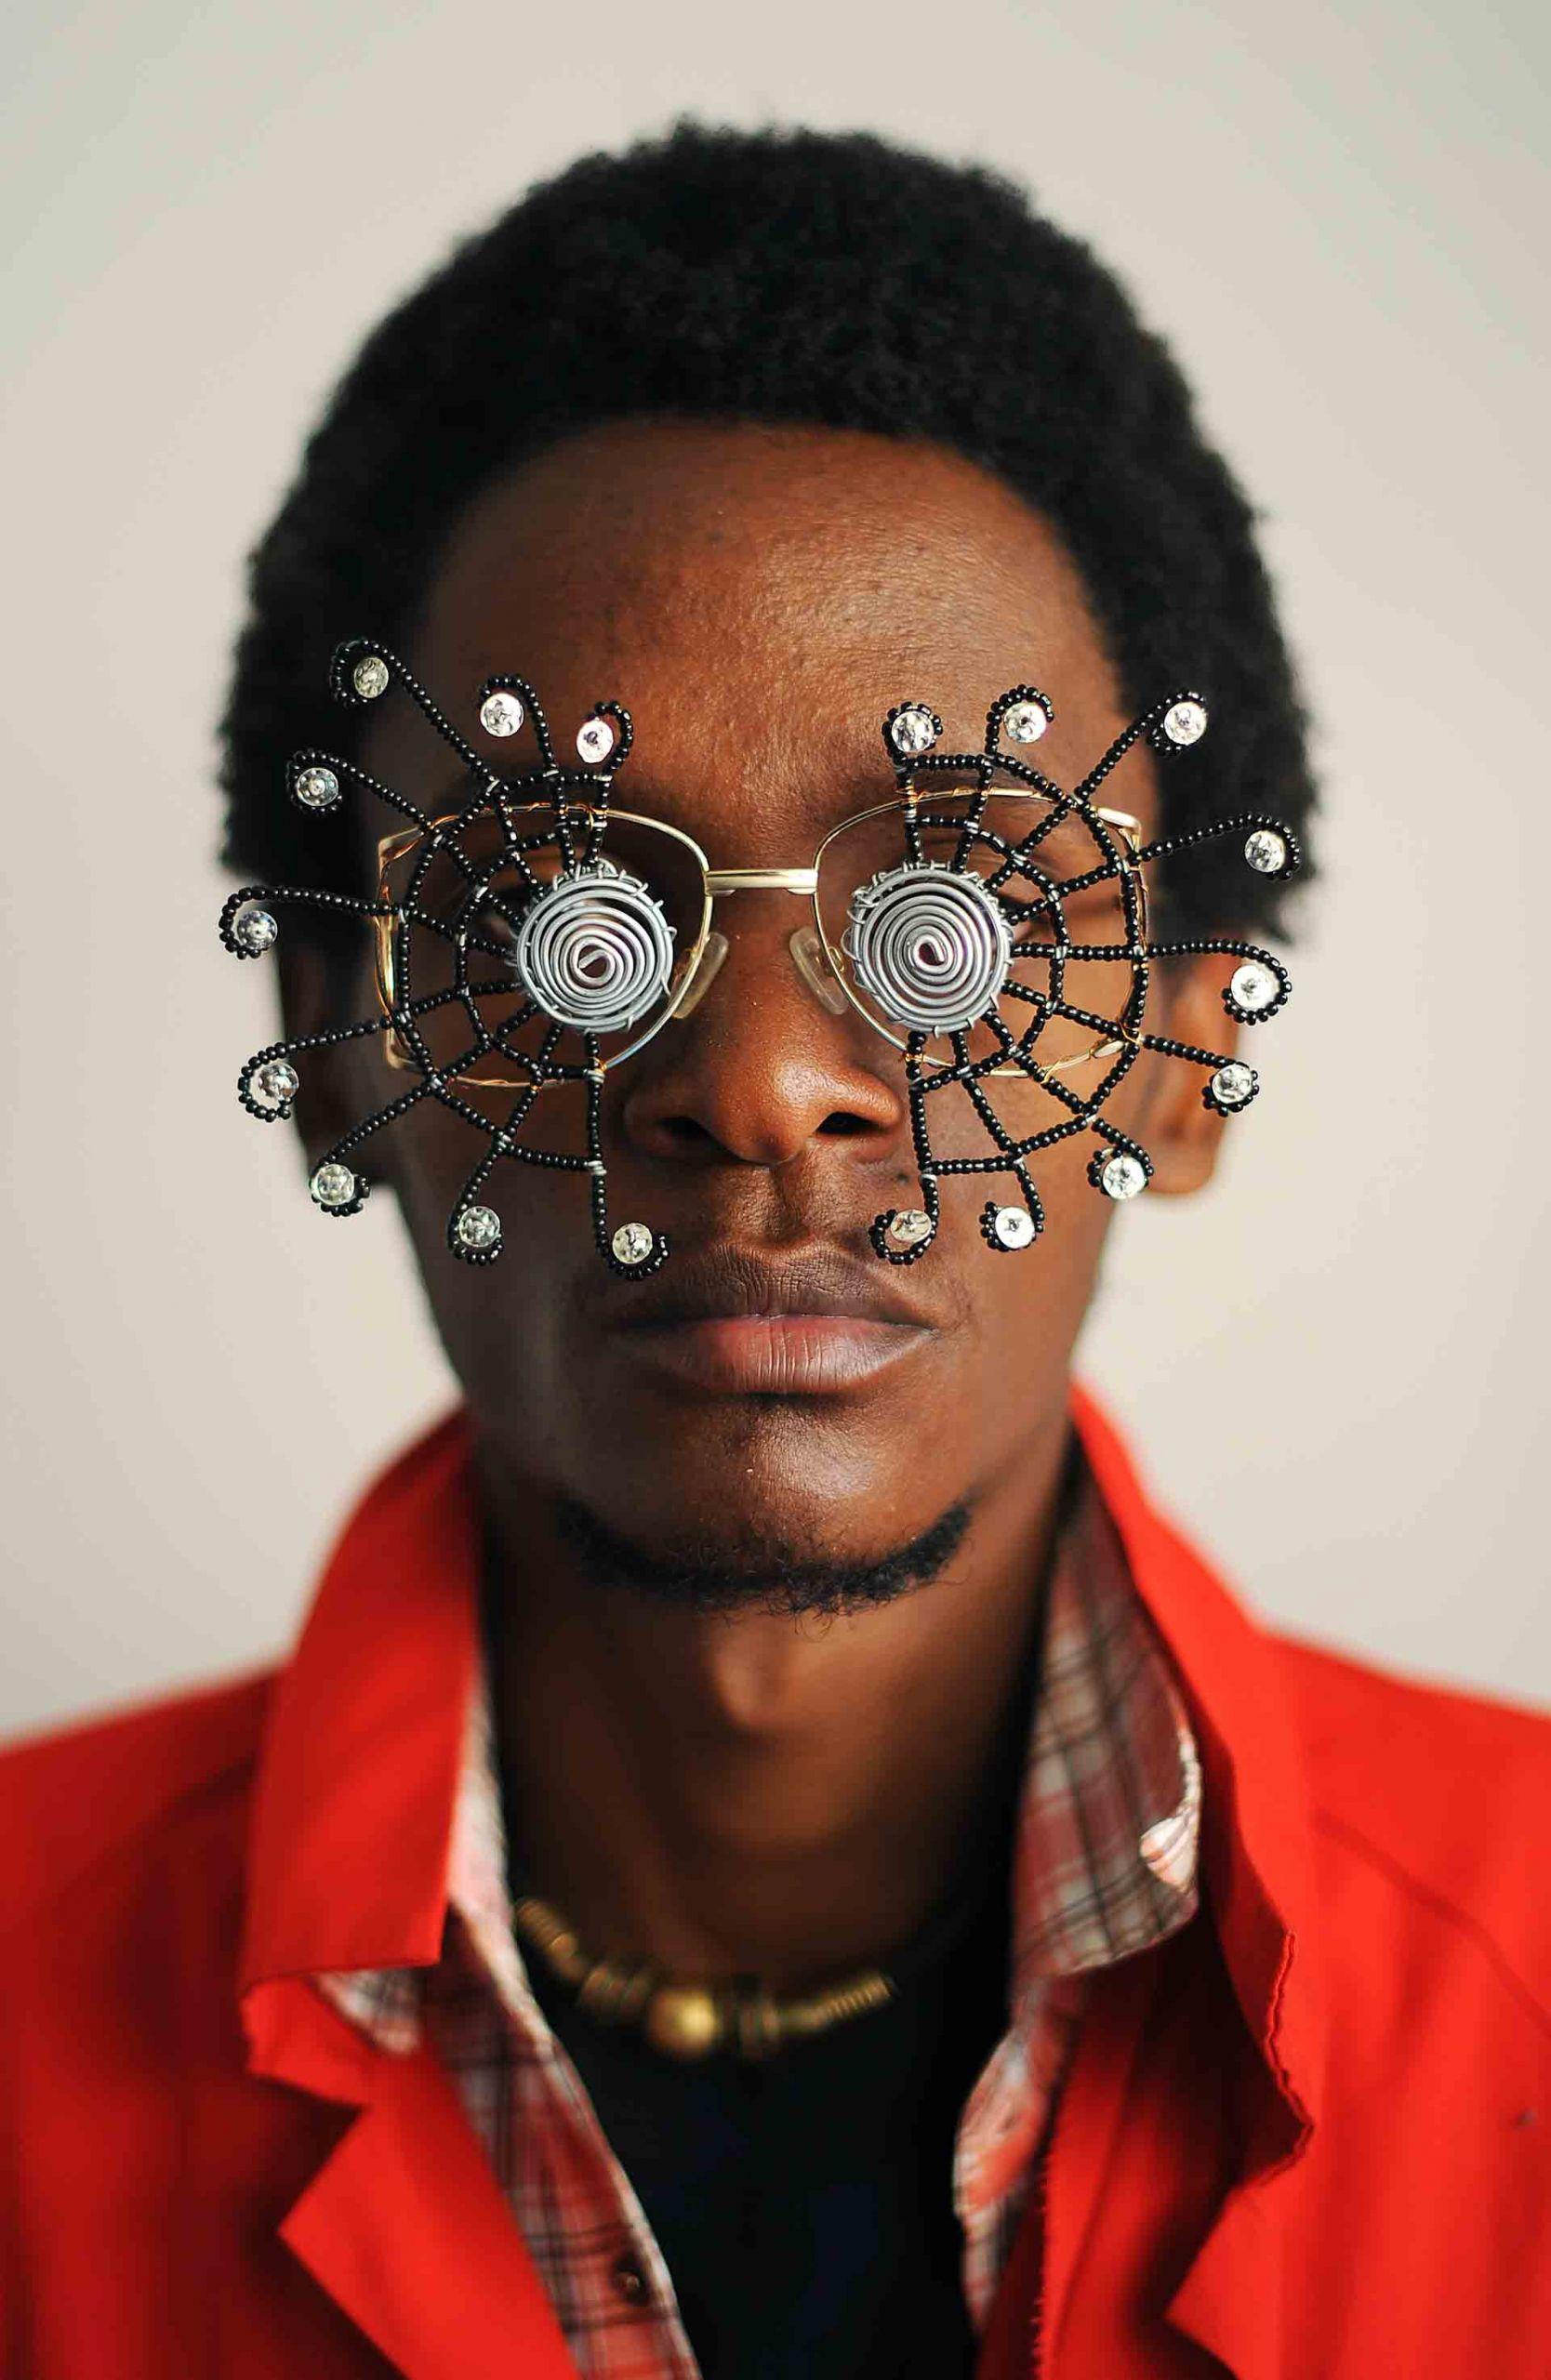 Sol caribeño (Caribbean Sun), de la serie Gafas maravilla (C-Stunners), 2012